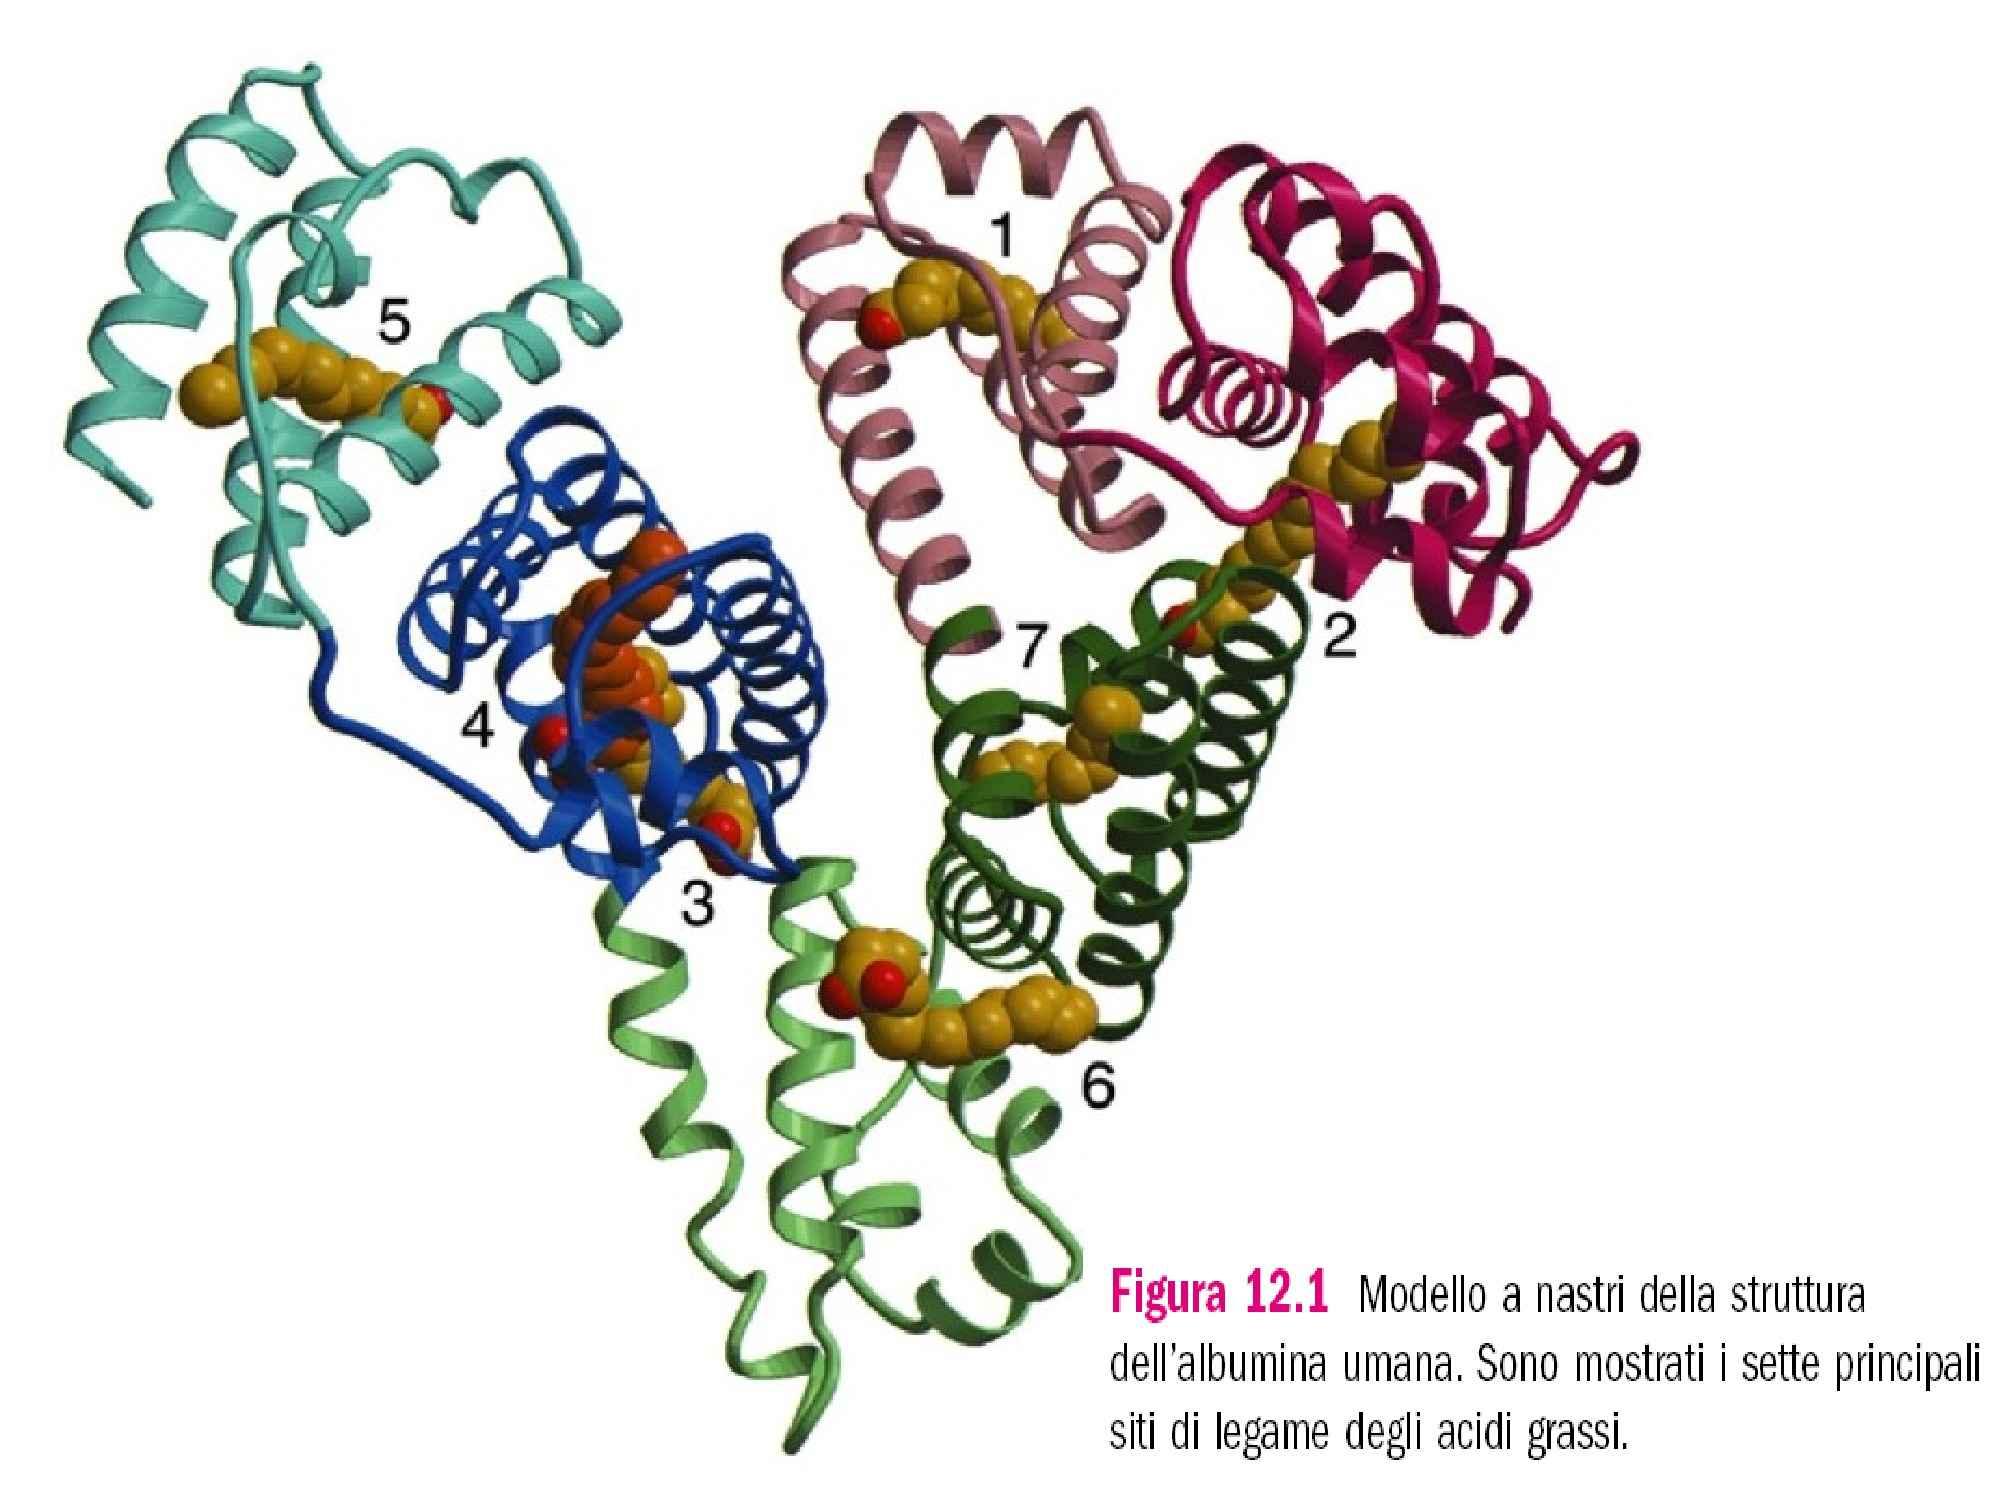 Emoglobina e mioglobina - Confronto